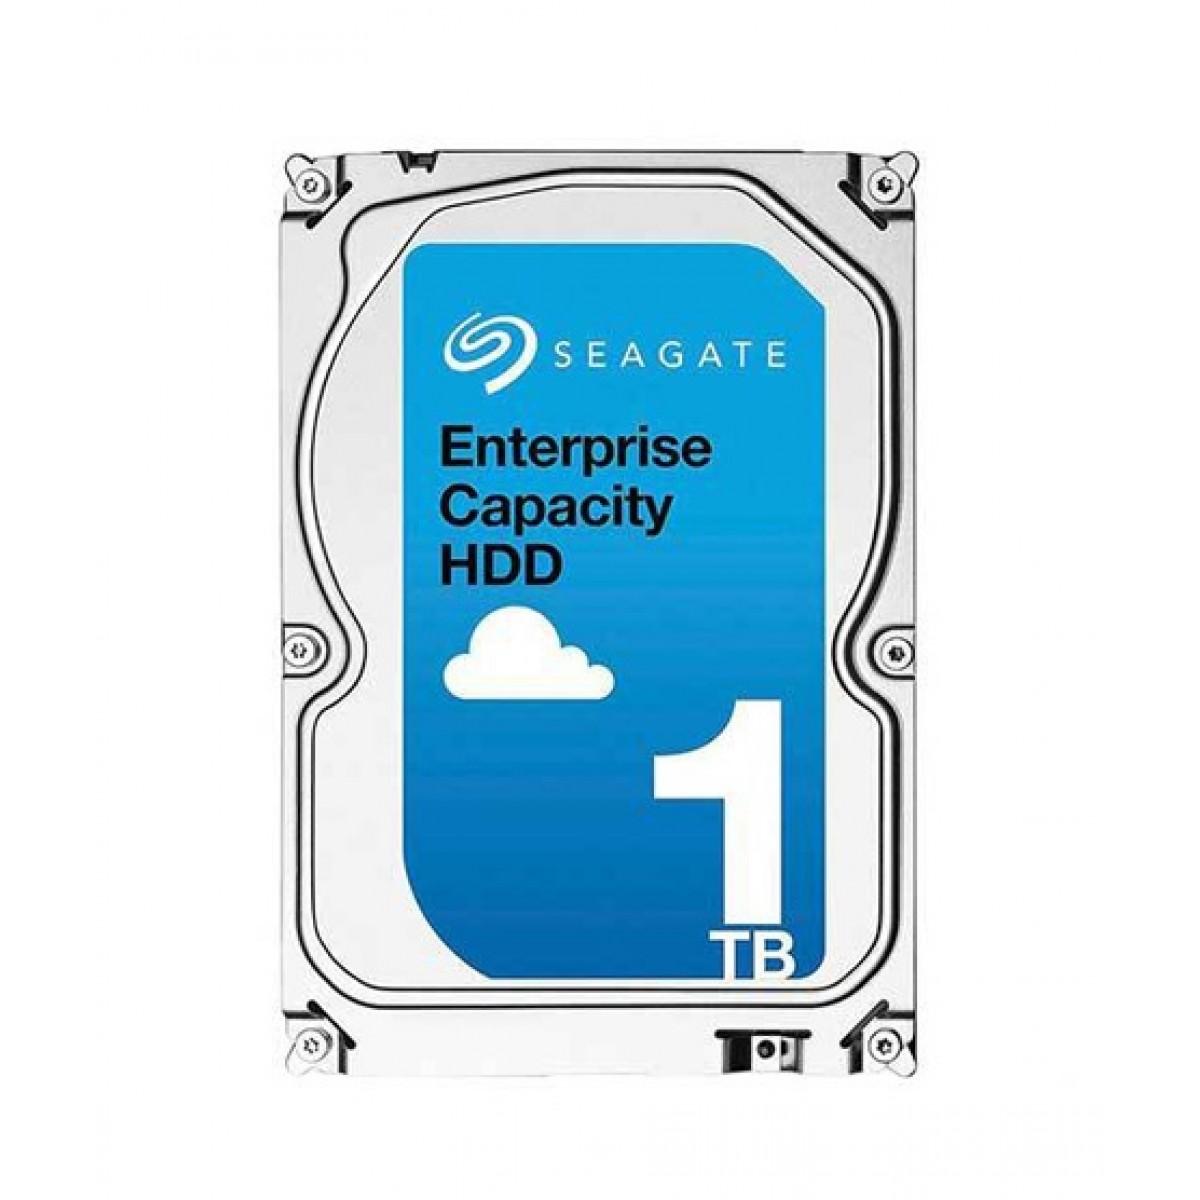 Seagate Enterprise SAS 1TB 7200RPM Hard Drive